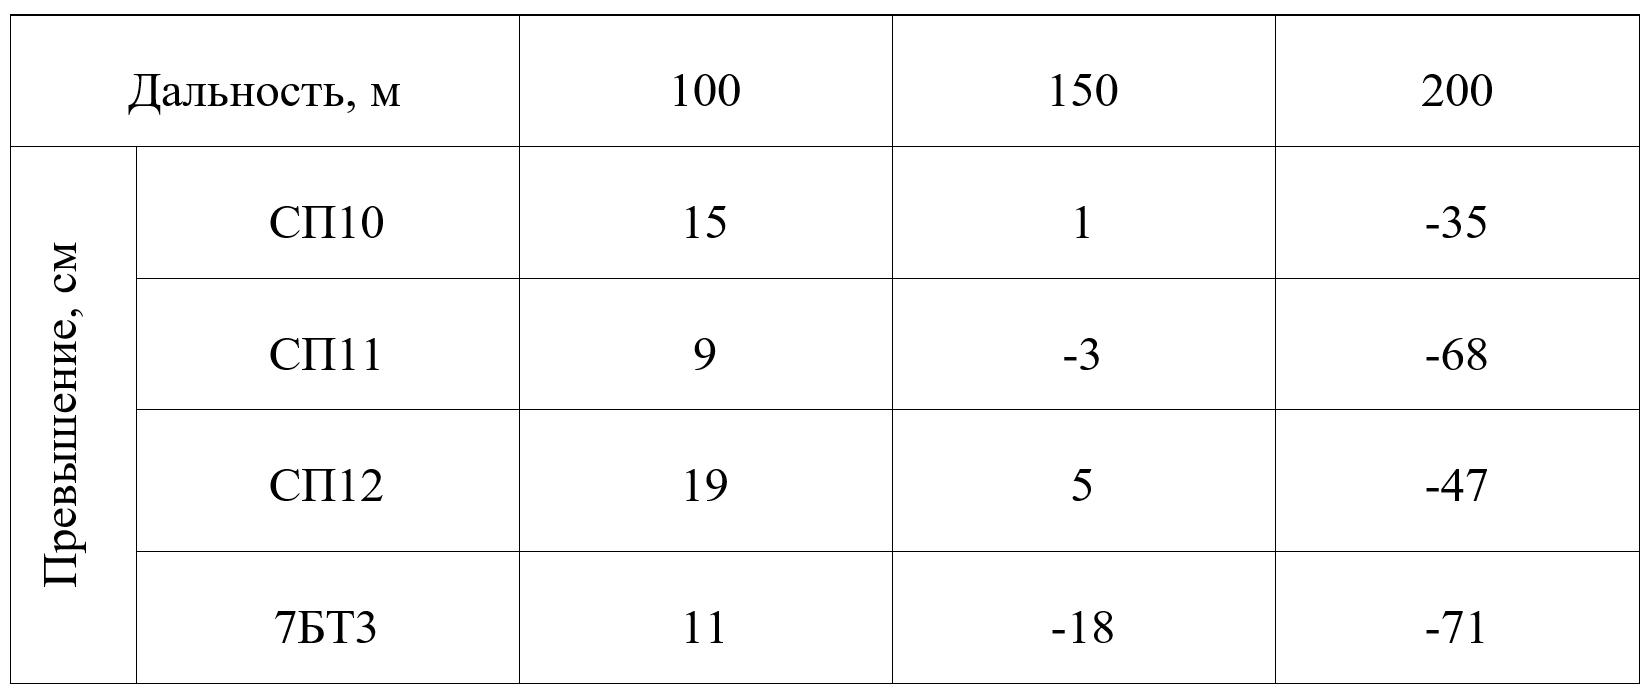 Таблица 1 – Превышение средних траекторий полета пуль над линией прицеливания при стрельбе из пистолета-пулемета с механическим прицелом